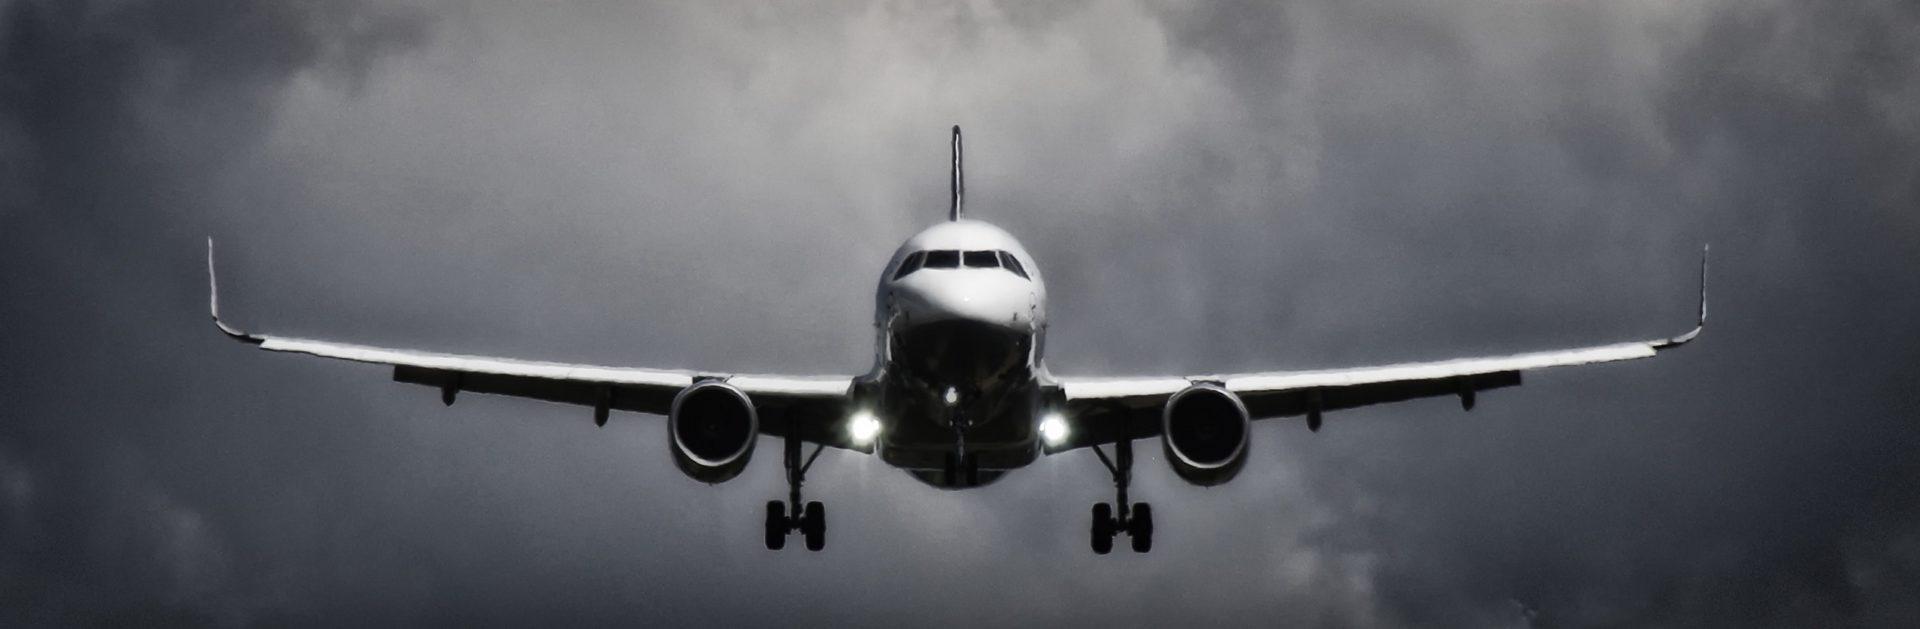 Lidmašīnas nosēšanās, aviokravu pārvadājumi